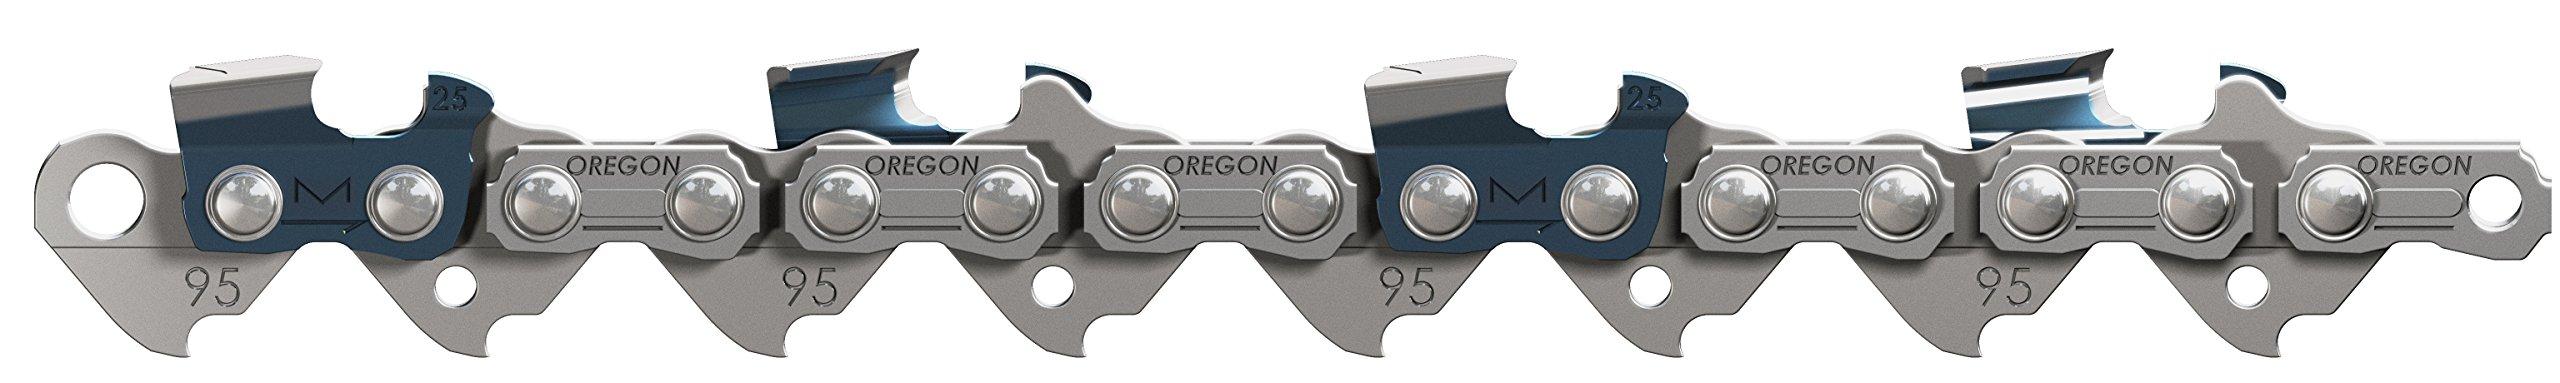 Sgekette-Ersatzkette-passend-fr-Husqvarna-Kette-mit-niedrigen-Vibrationen-ideal-fr-moderne-leichte-Kettensgen-Schneiden-in-Micromeielform-reduzieren-Rckschlaggefahr-325-13-mm